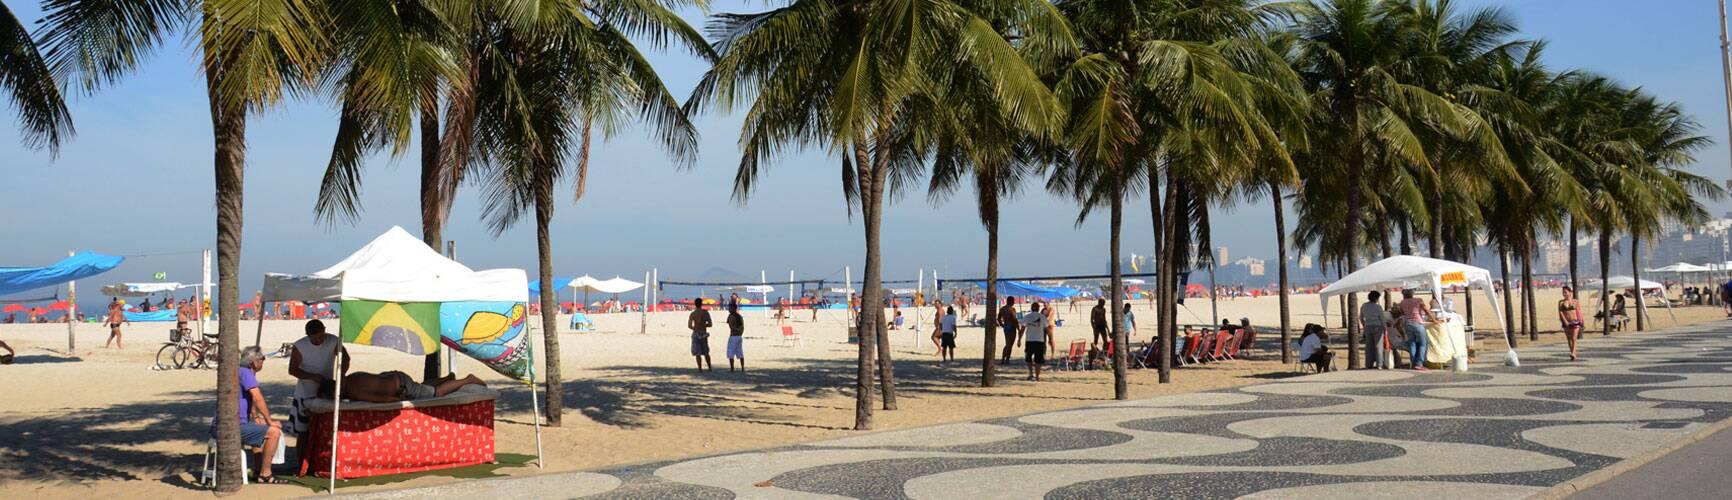 Hostel barato e bem localizado em Copacabana, Rio de Janeiro